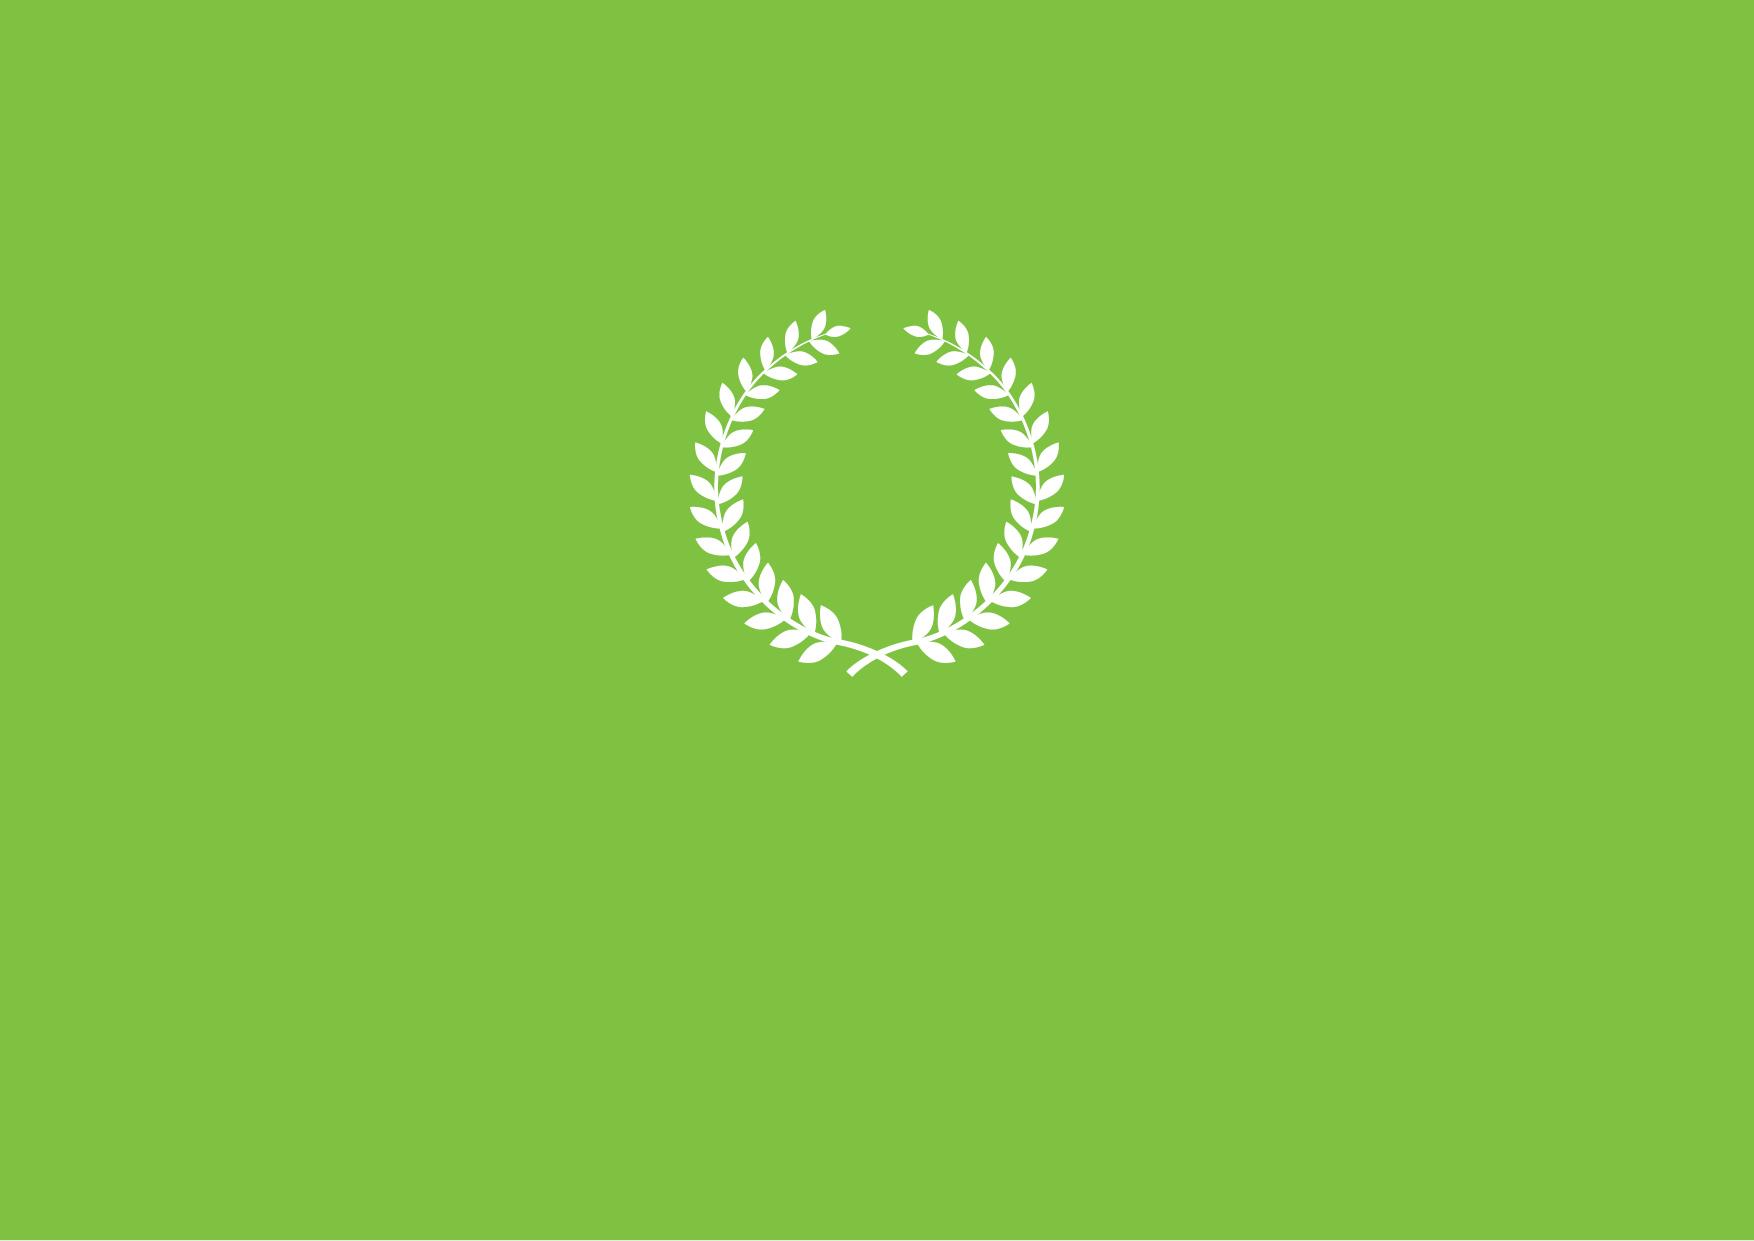 prix festival econome sweet home deauville green awards francetv pro pressrooms du groupe. Black Bedroom Furniture Sets. Home Design Ideas